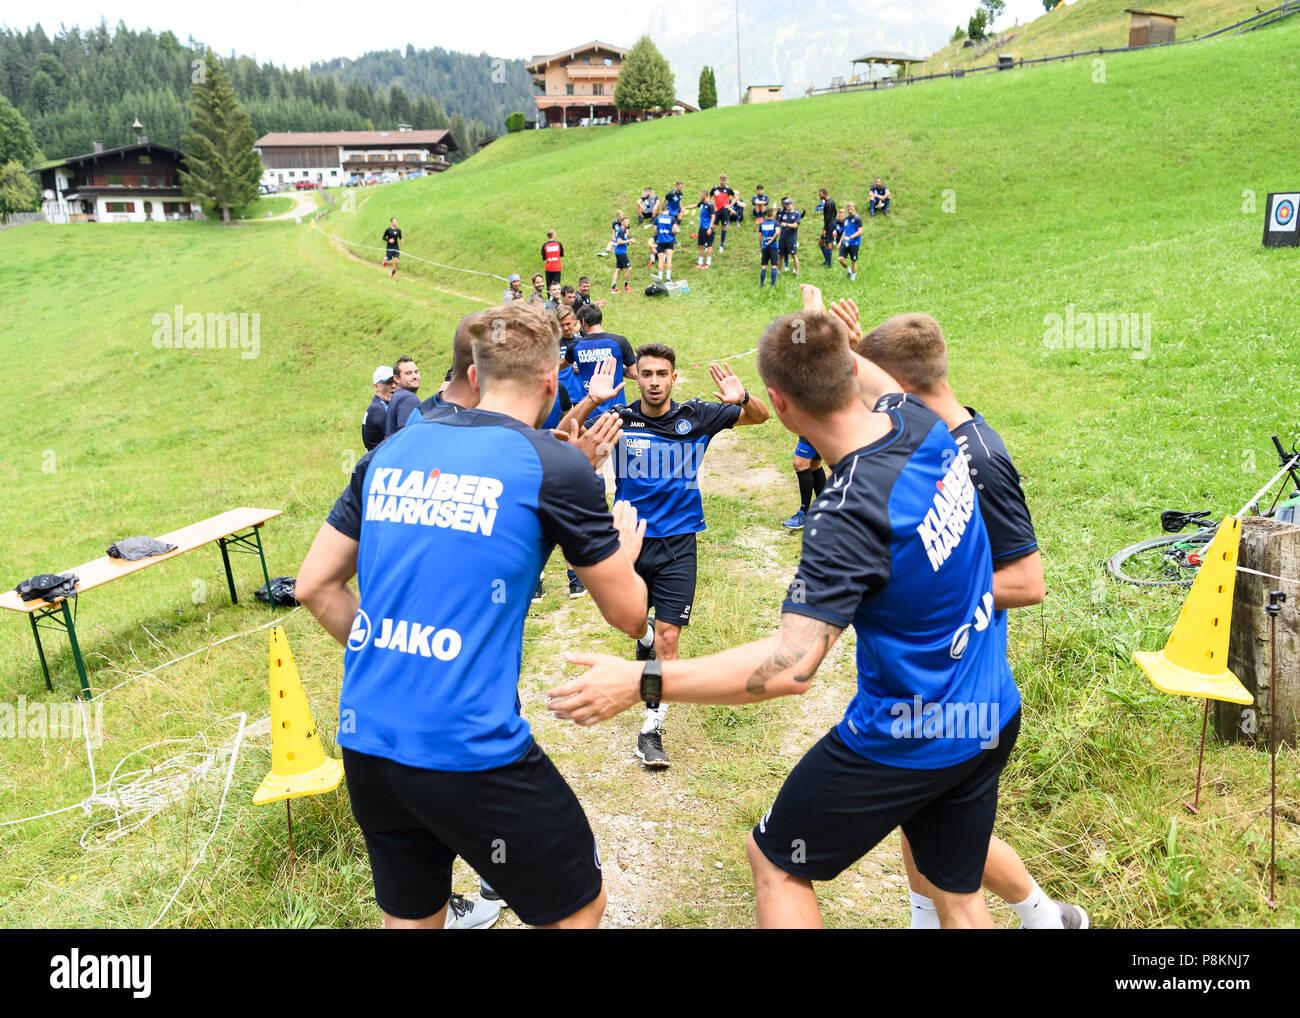 Sportschau Bundesliga Zusammenfassung Tv Programm Holz Verantwortungde